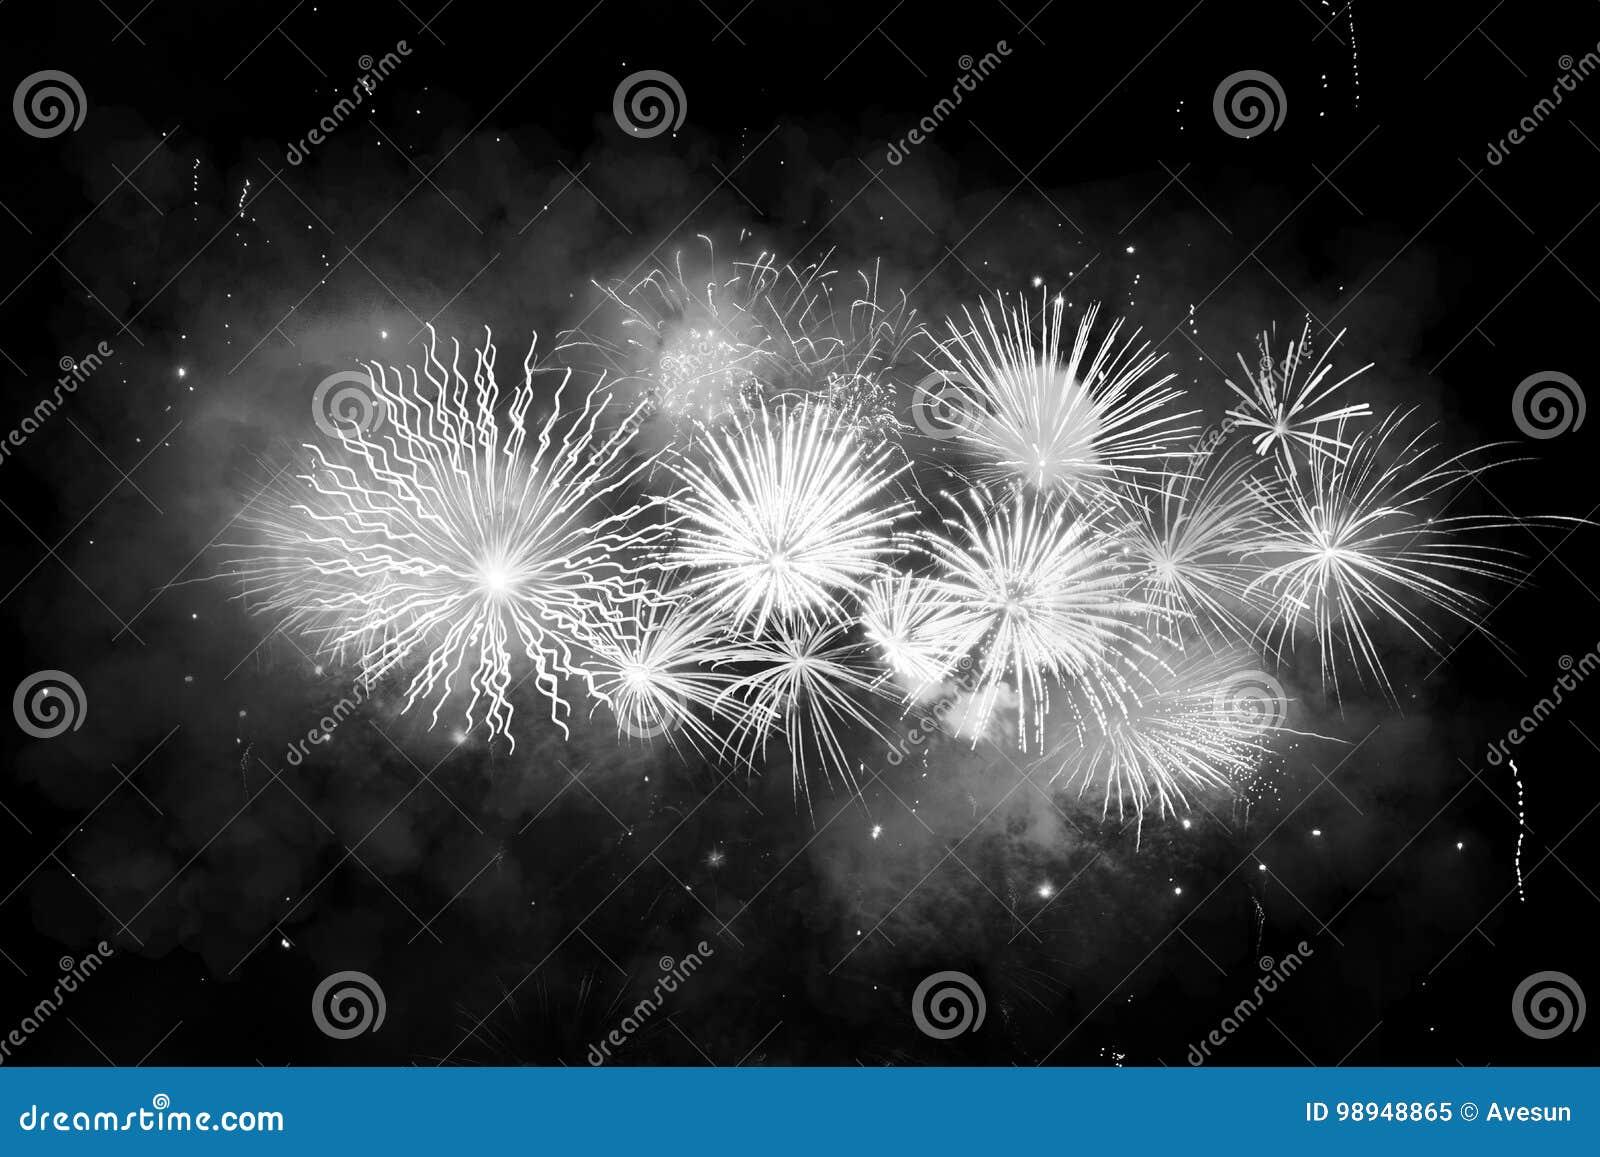 Digital-Zusammensetzung von Feuerwerken